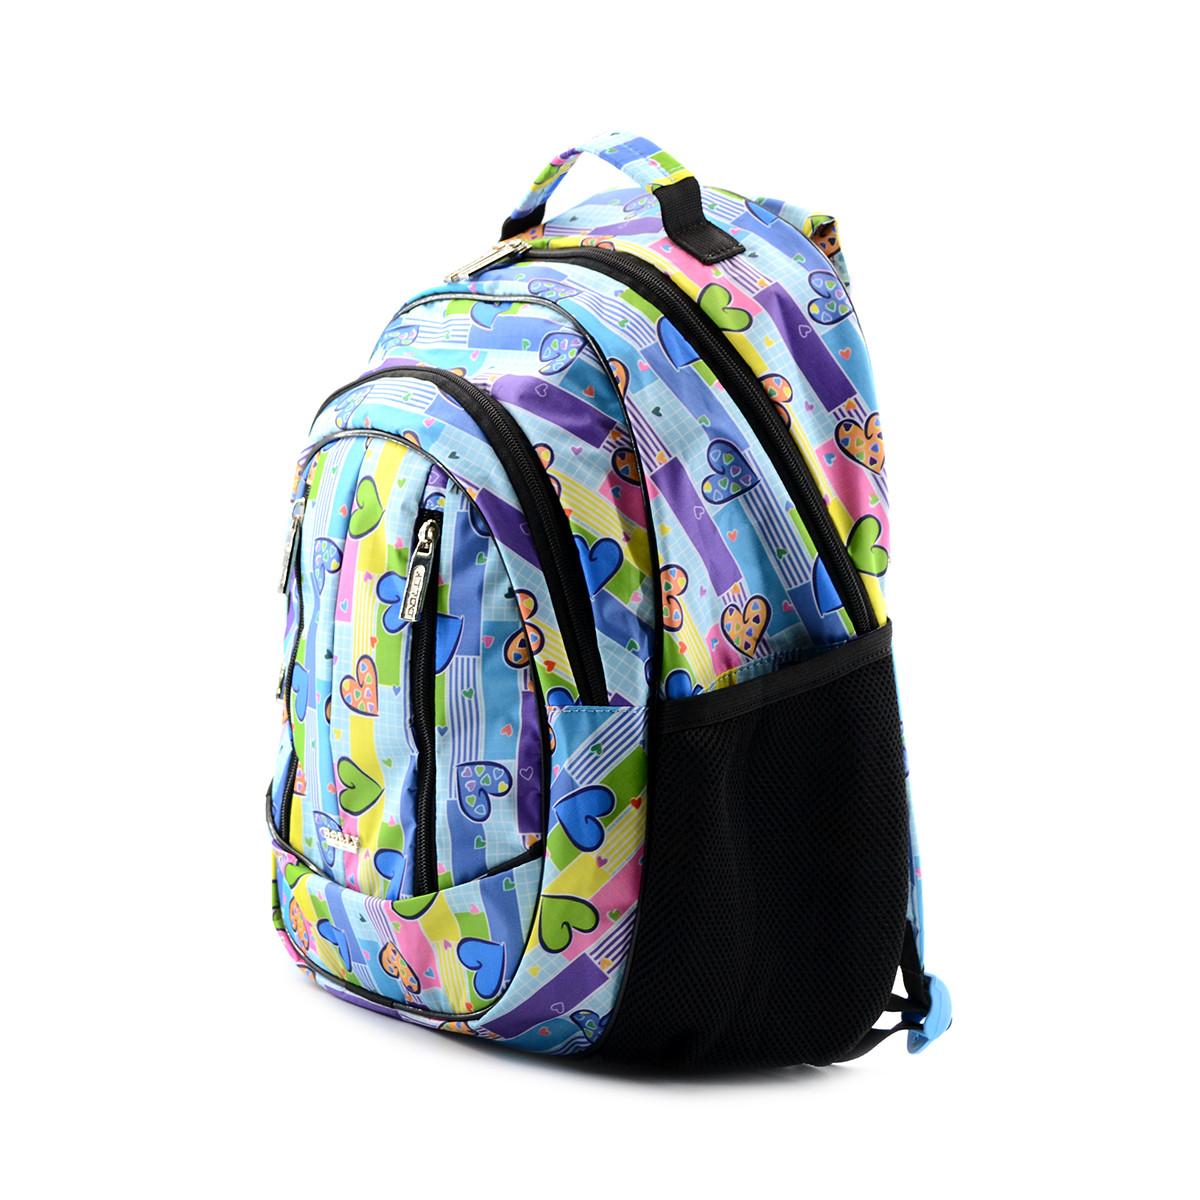 Шкільний голубий рюкзак з сердечками (ортопедичний) / Школьный голубой портфель с сердечками (ортопедический)